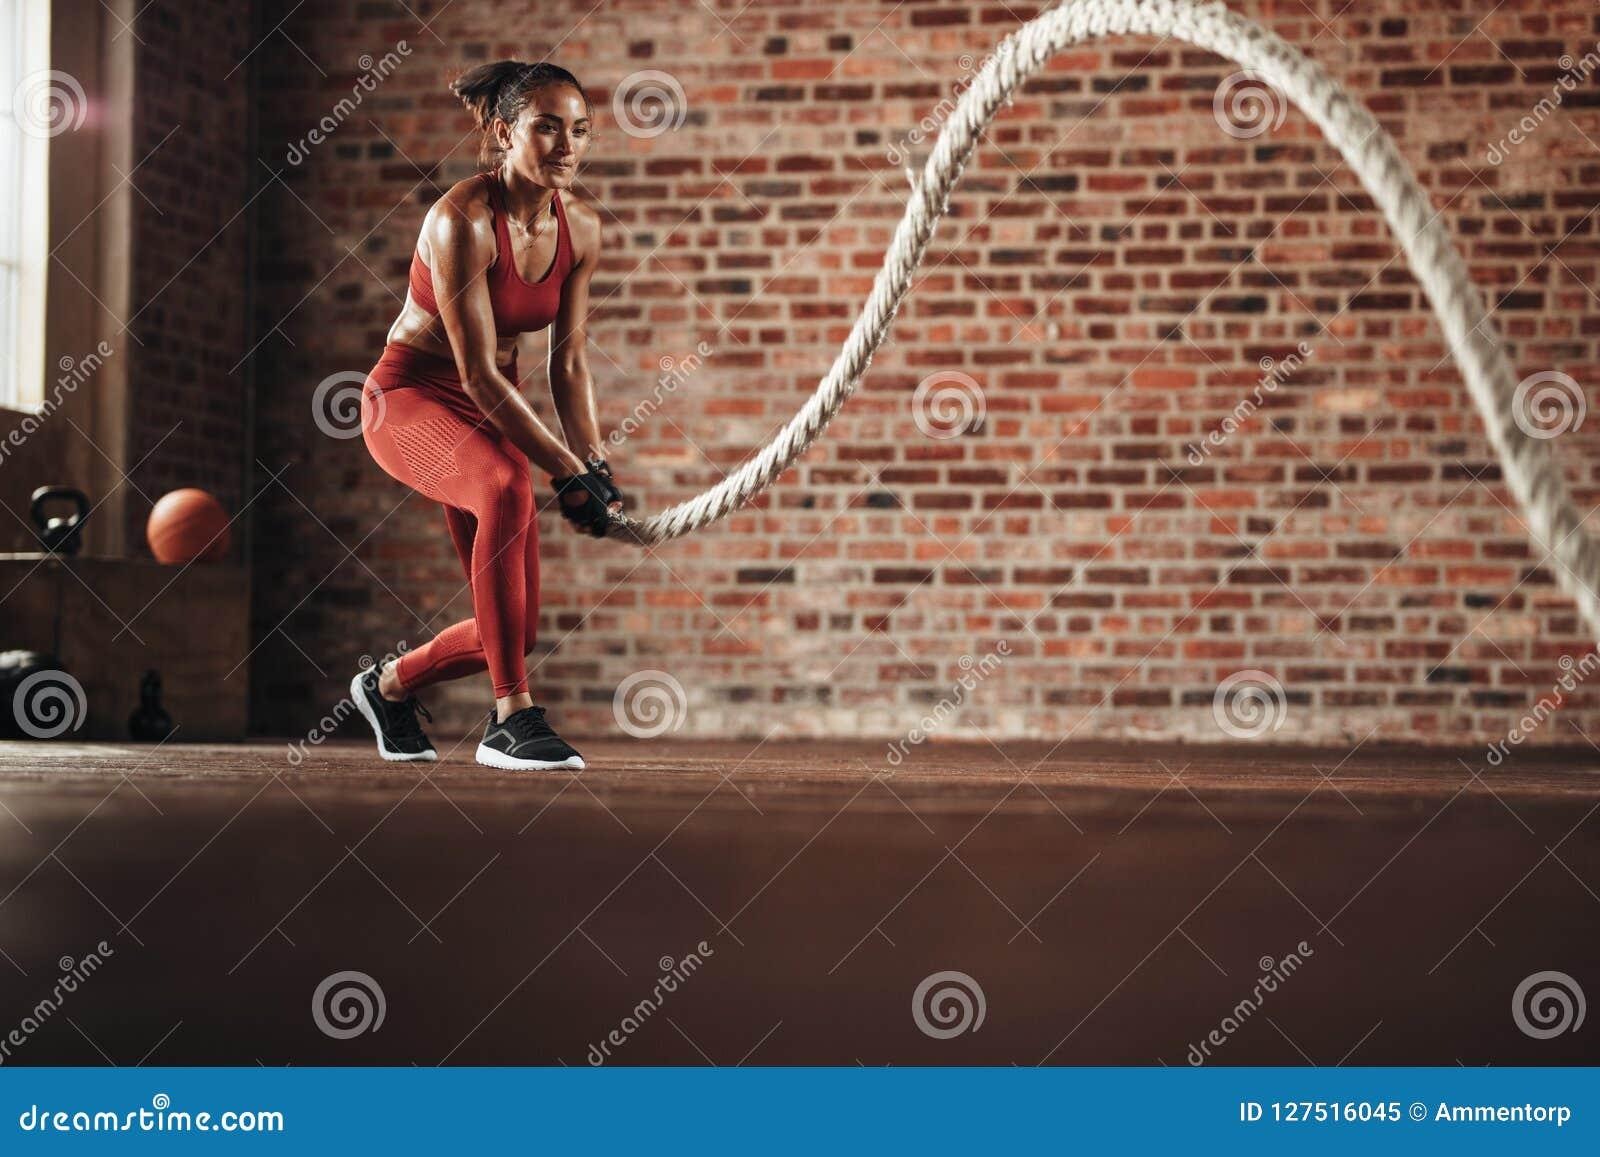 Femme faisant la routine de formation croisée